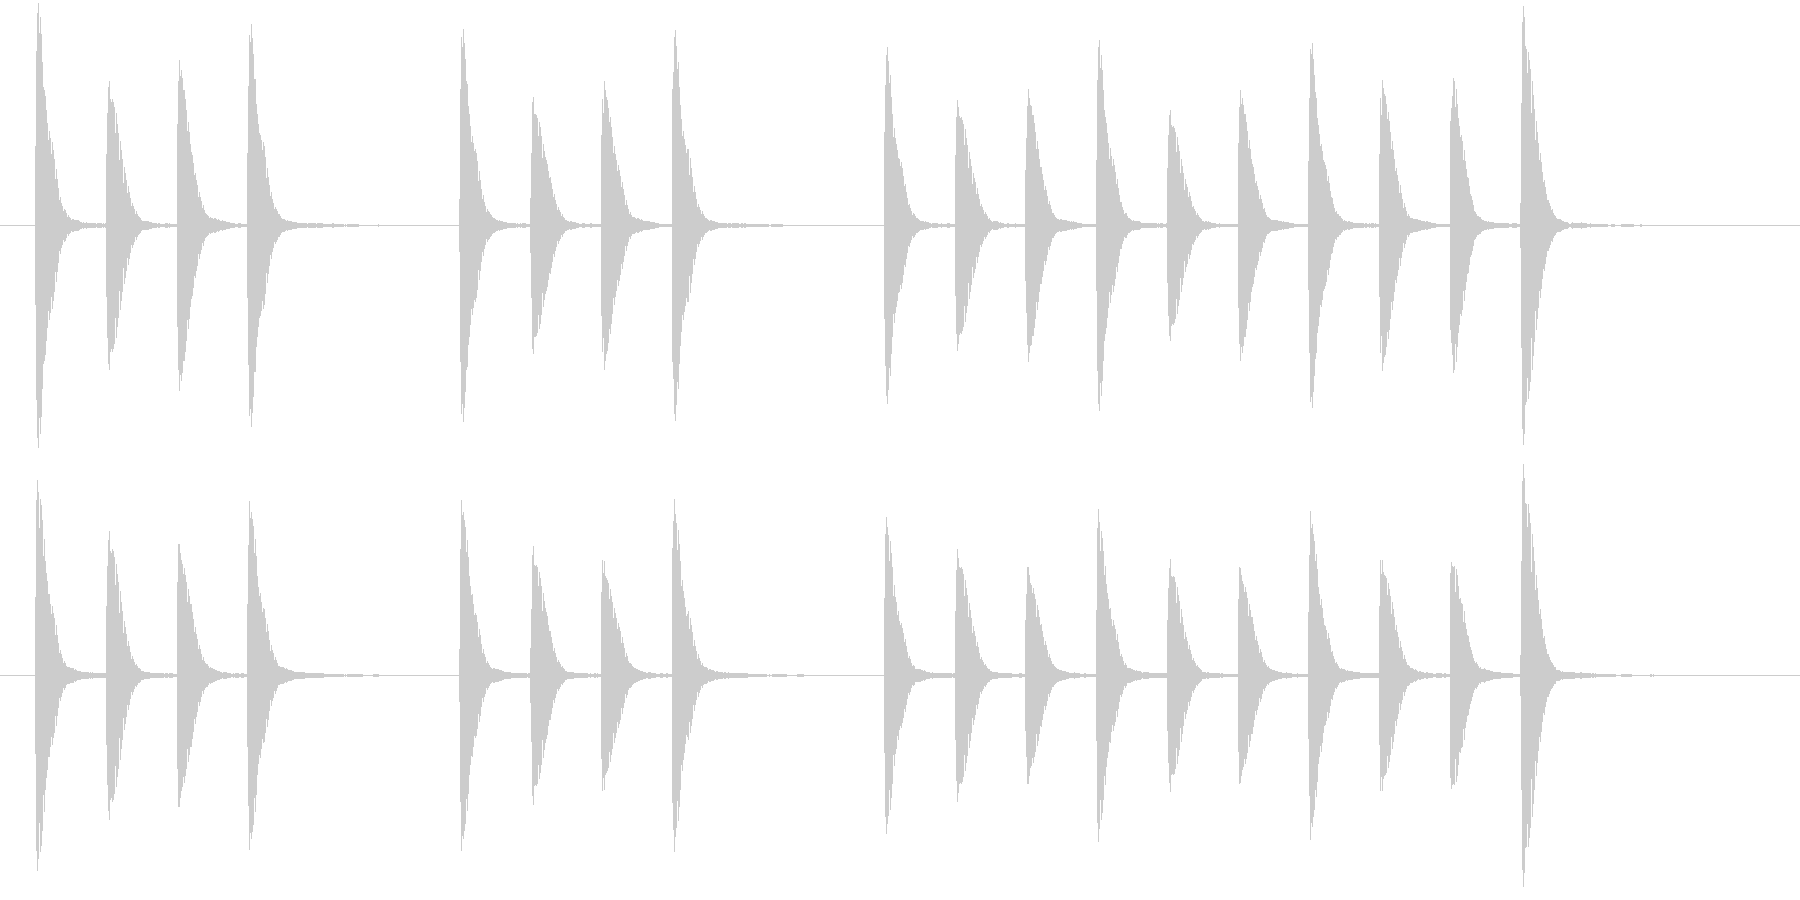 単調だけどほのぼのとしたジングルの未再生の波形